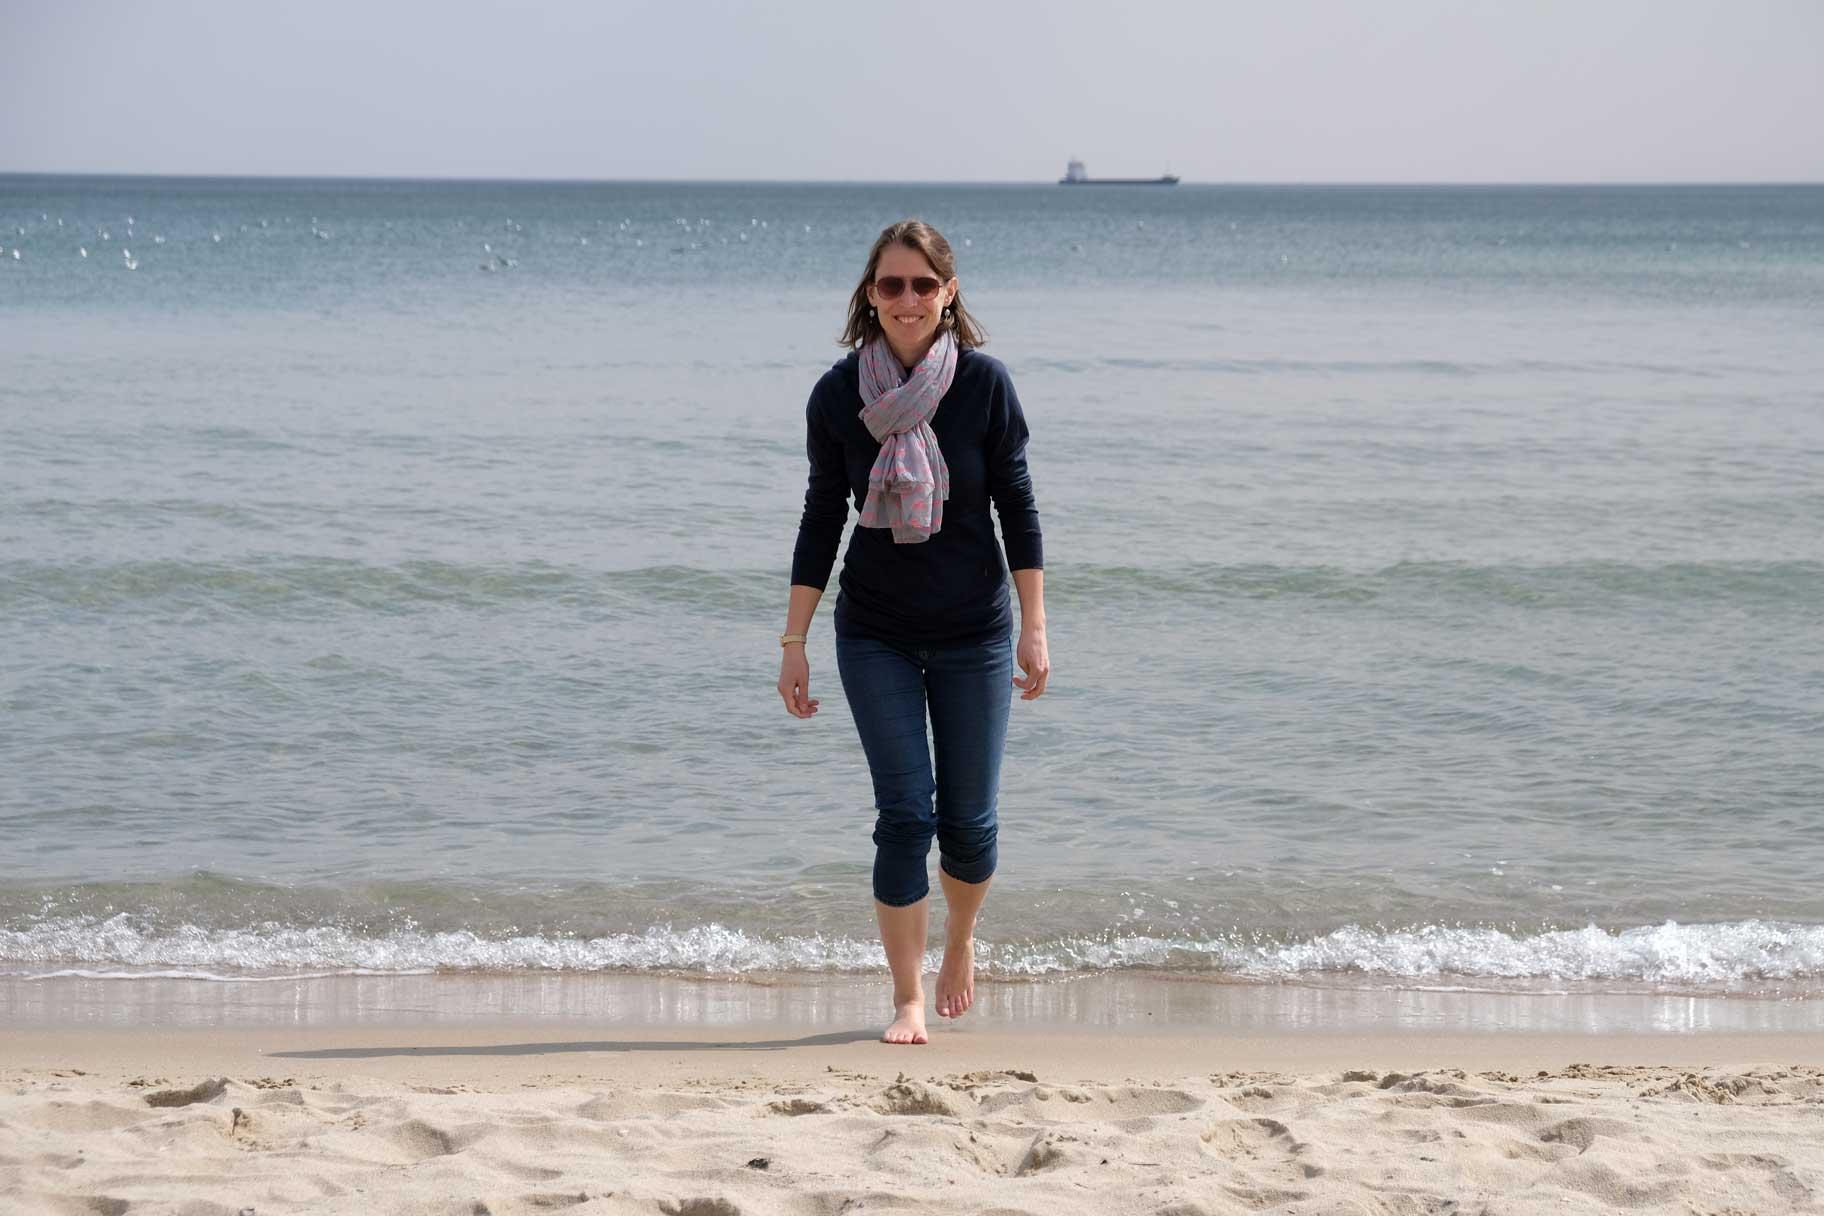 Leo am Strand vor dem Meer